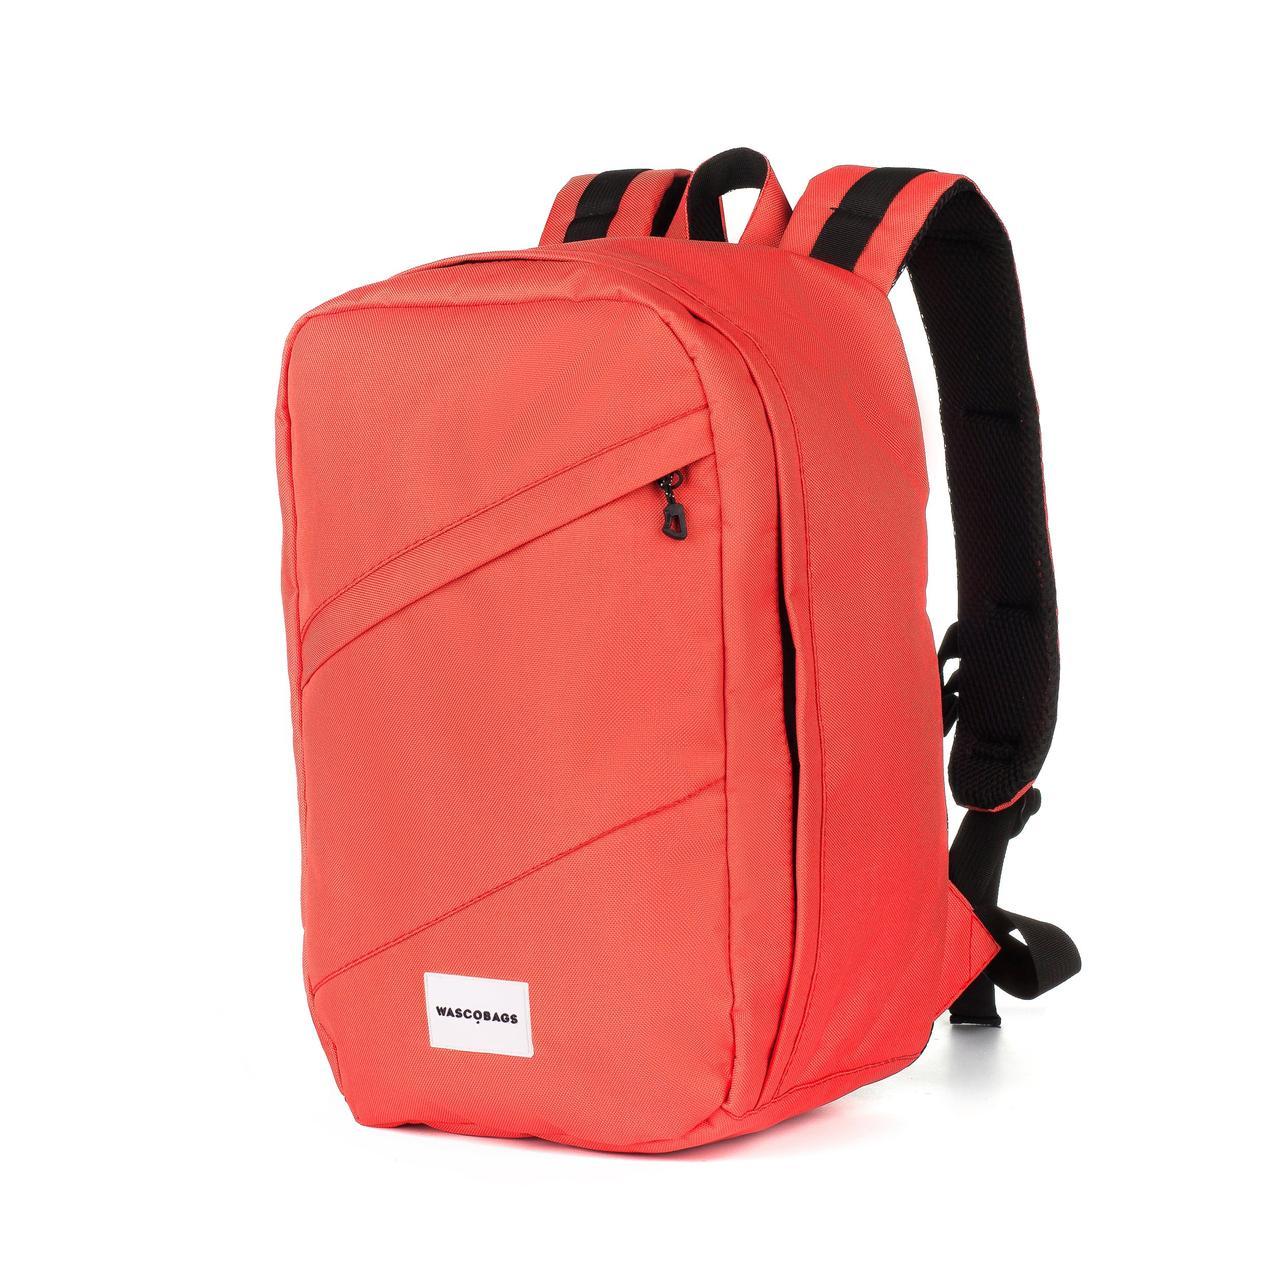 Рюкзак для ручной клади Wascobags 40x20x25 RW Коралл